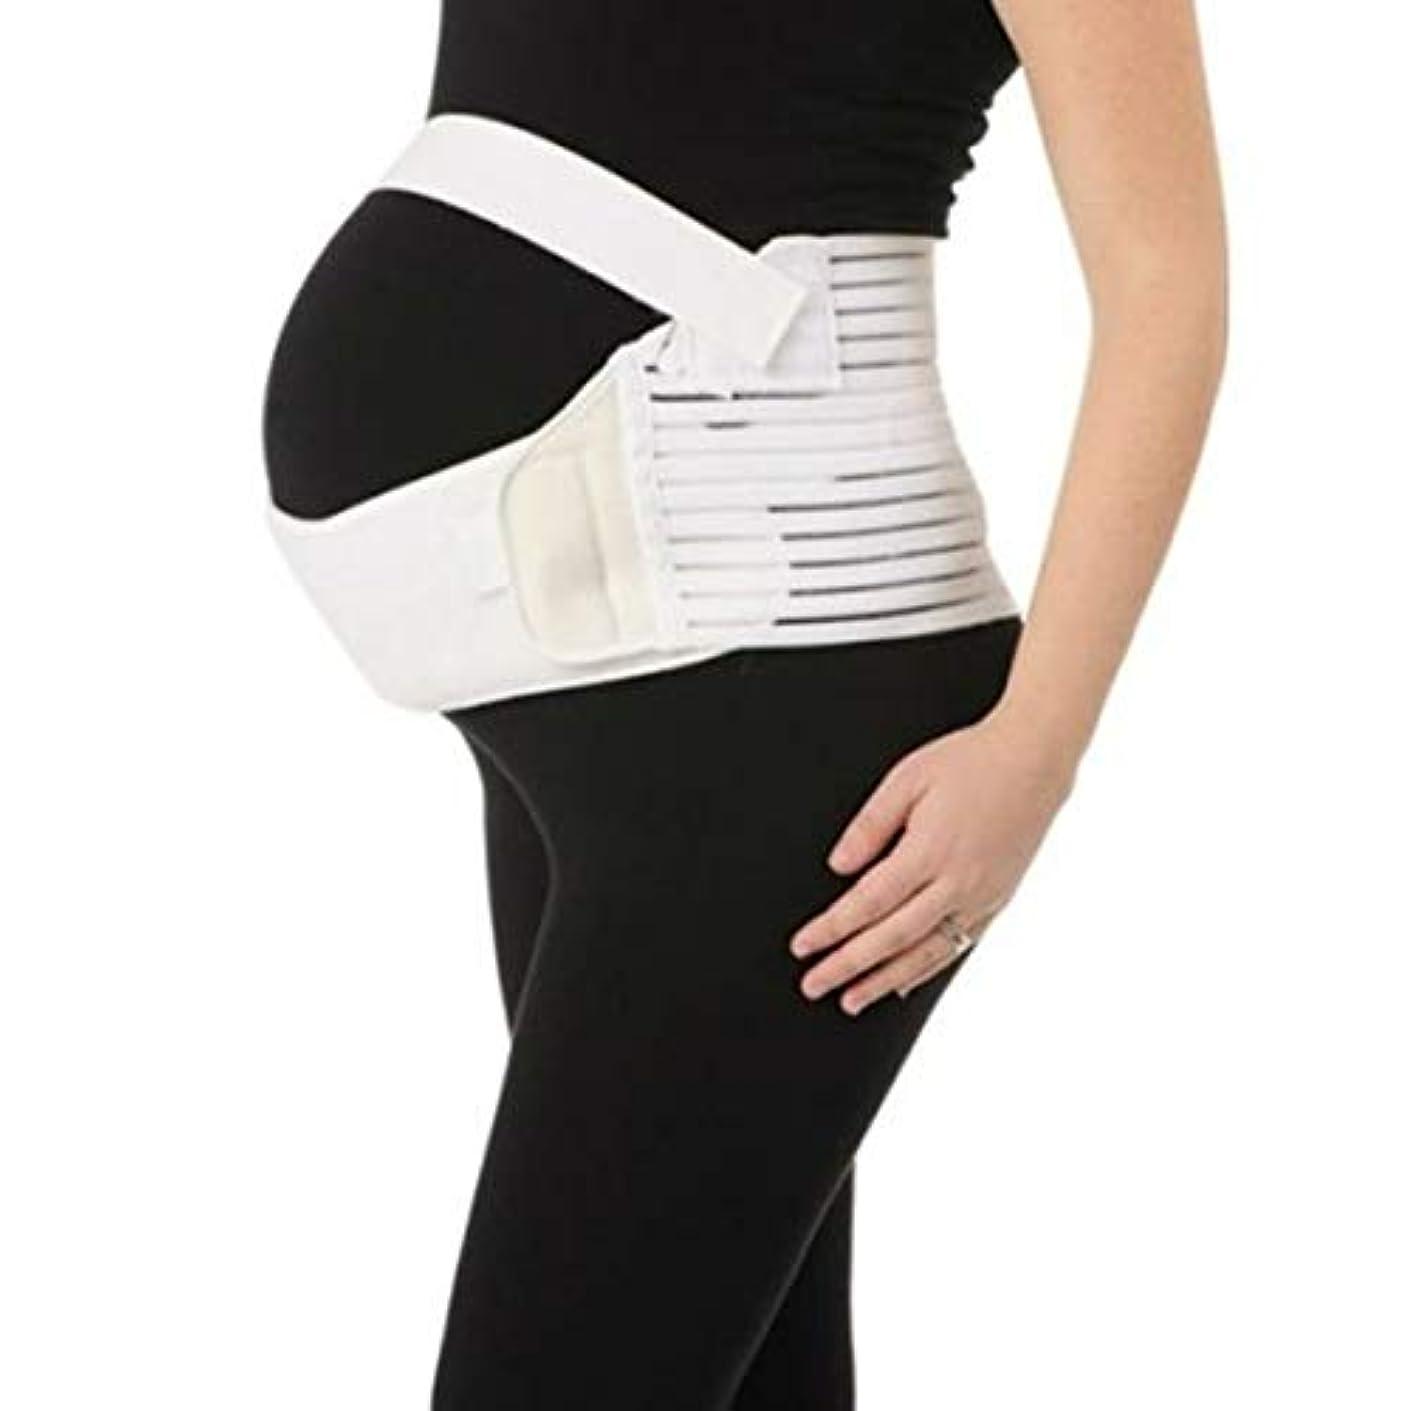 巧みな禁止暫定通気性マタニティベルト妊娠腹部サポート腹部バインダーガードル運動包帯産後回復形状ウェア - ホワイトXL